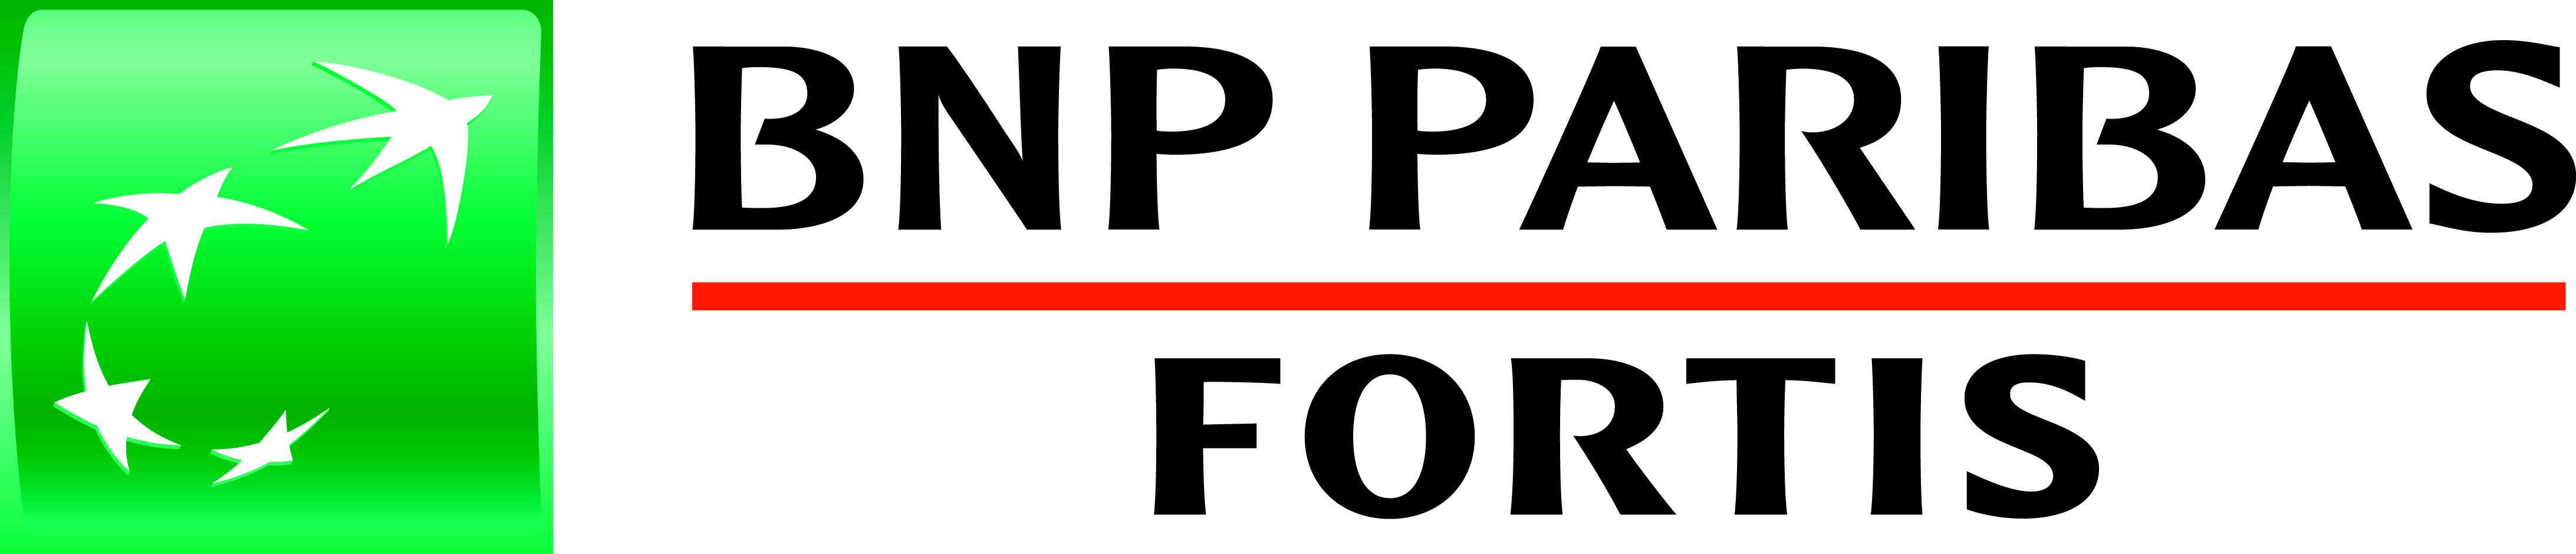 bnp paribas pro acquisition bnp paribas va devenir l 39 unique actionnaire fonts logo bnp. Black Bedroom Furniture Sets. Home Design Ideas